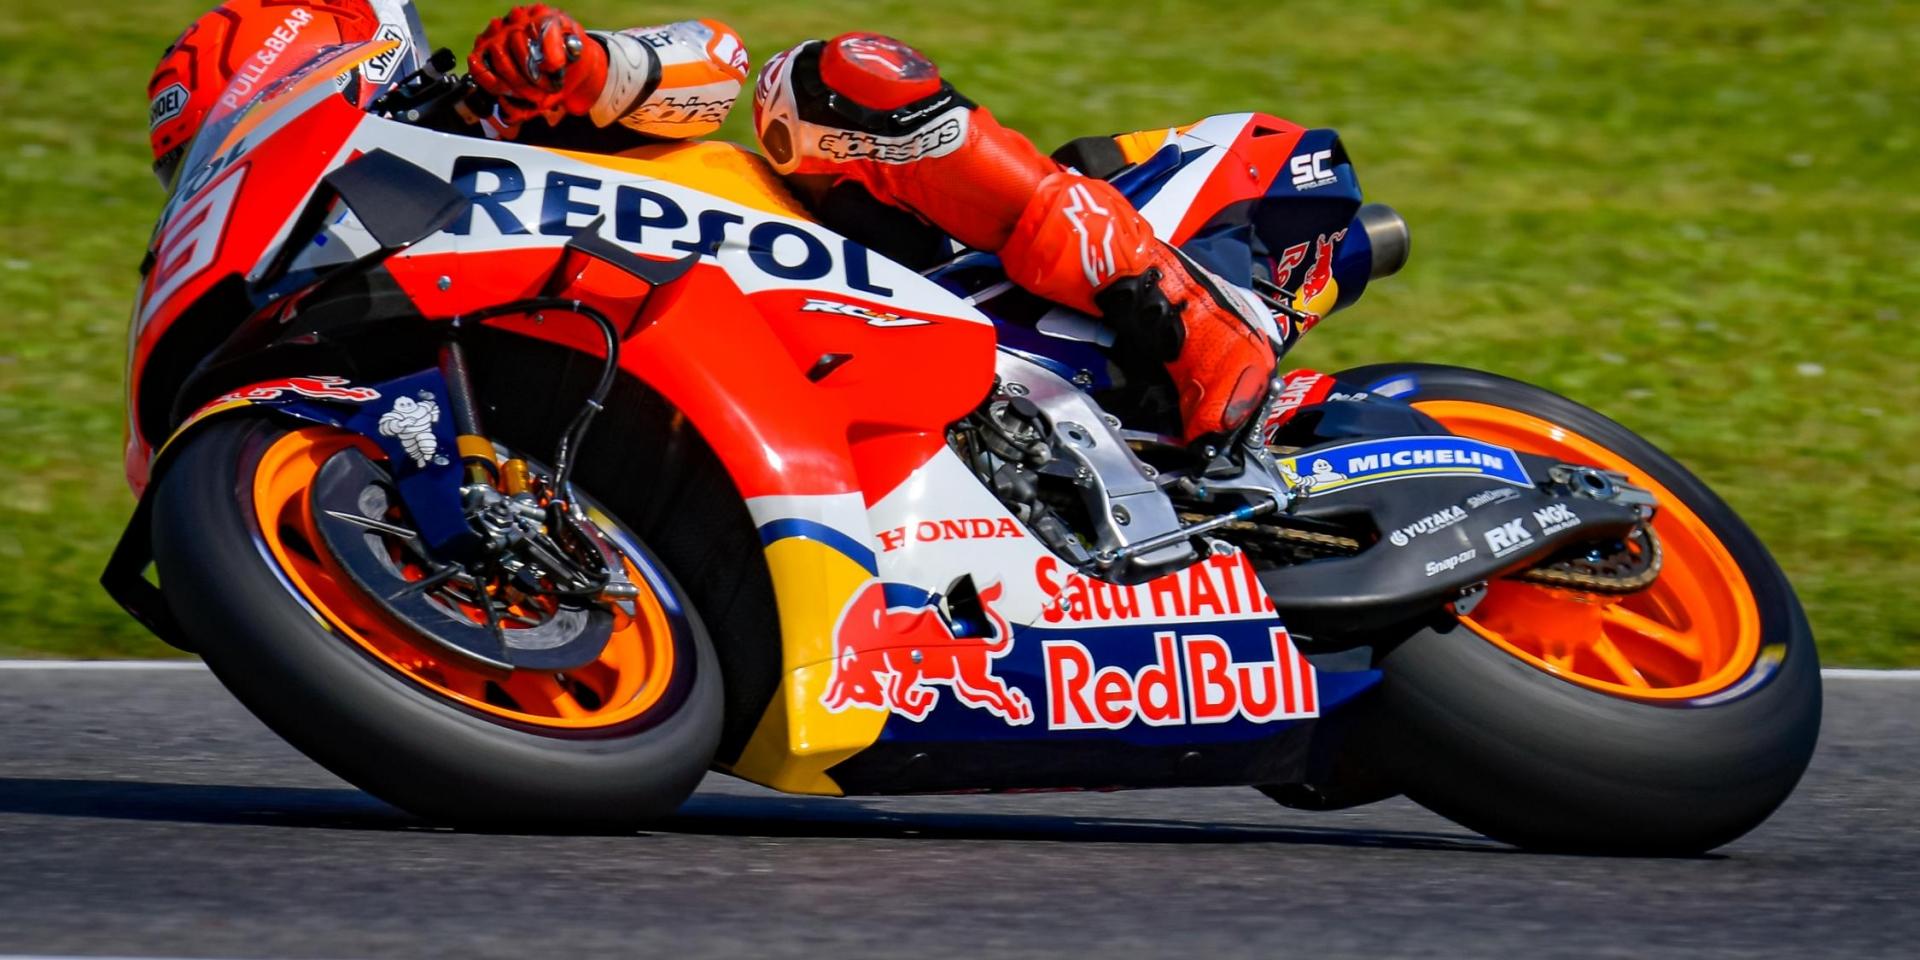 本斥但能贏?Marc Marquez:RC213V依然是很難騎的車,但我覺得還是能贏!